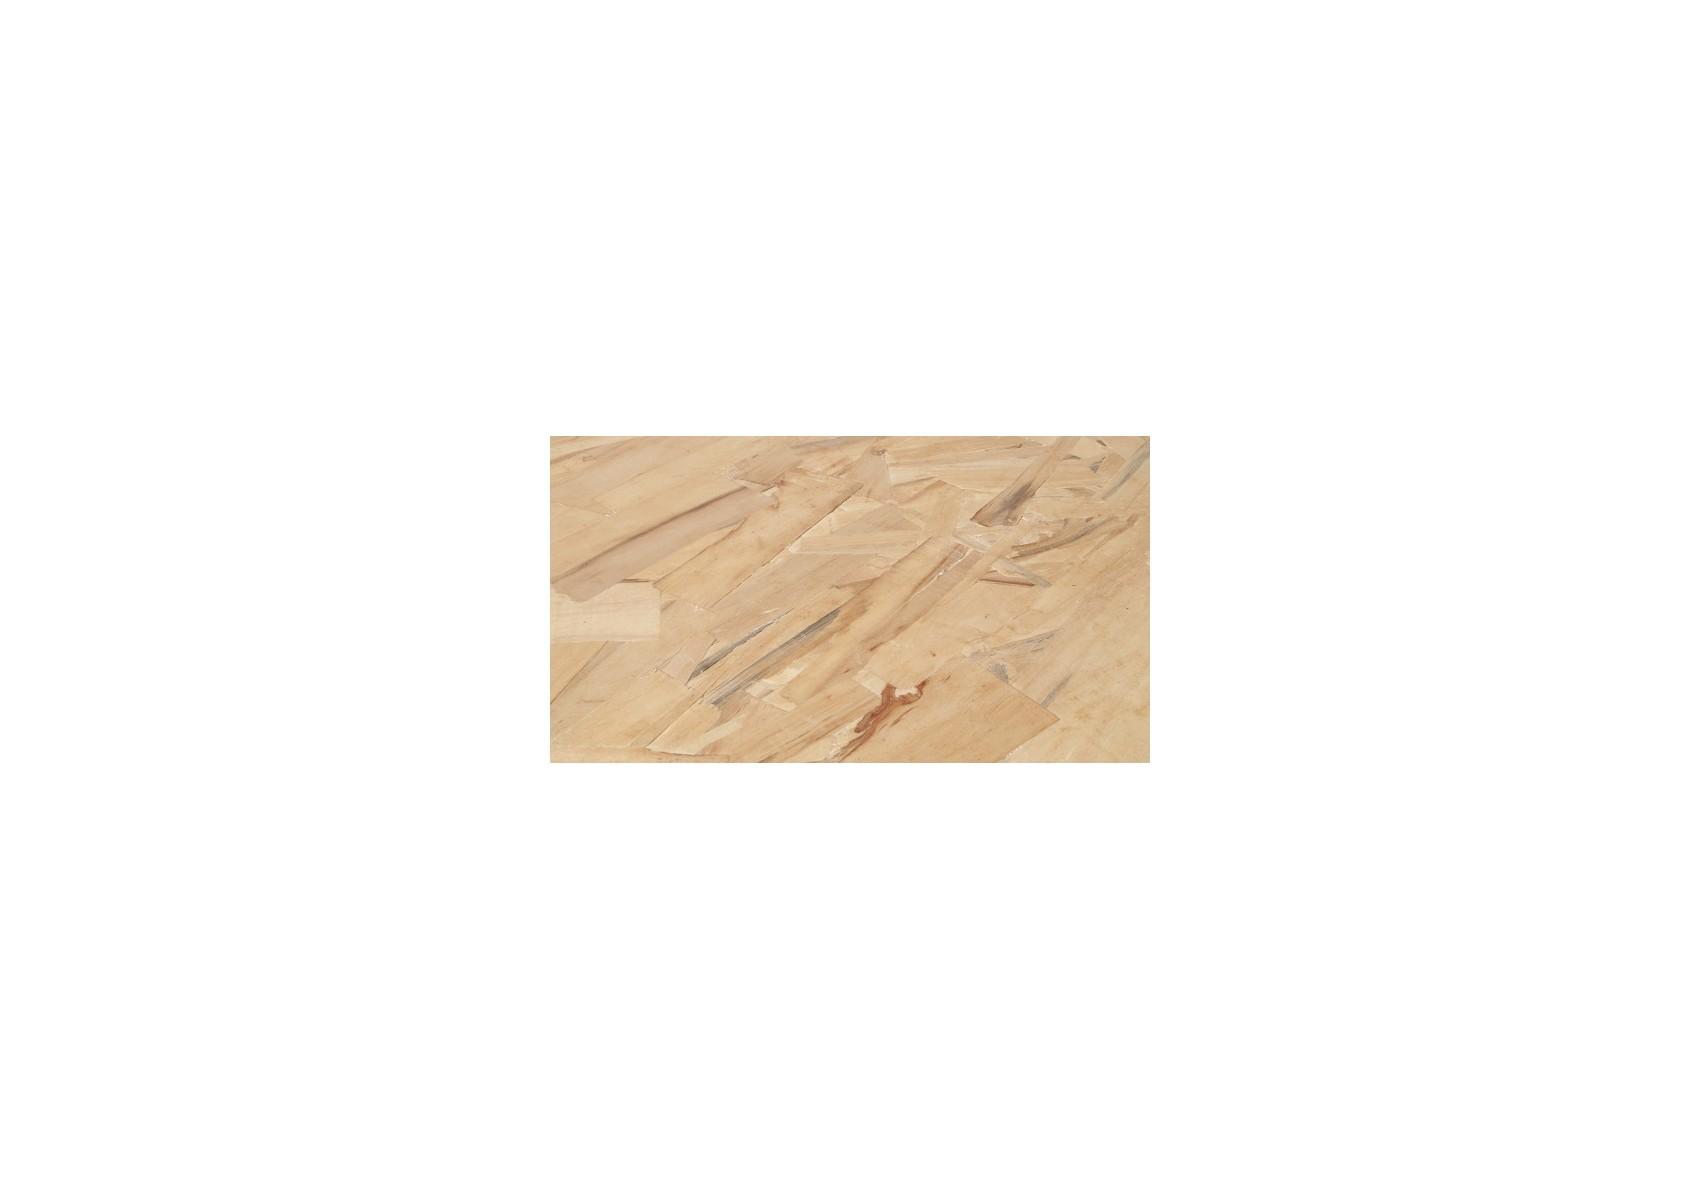 table basse design de la collection osb en taile m de chez zuiver. Black Bedroom Furniture Sets. Home Design Ideas